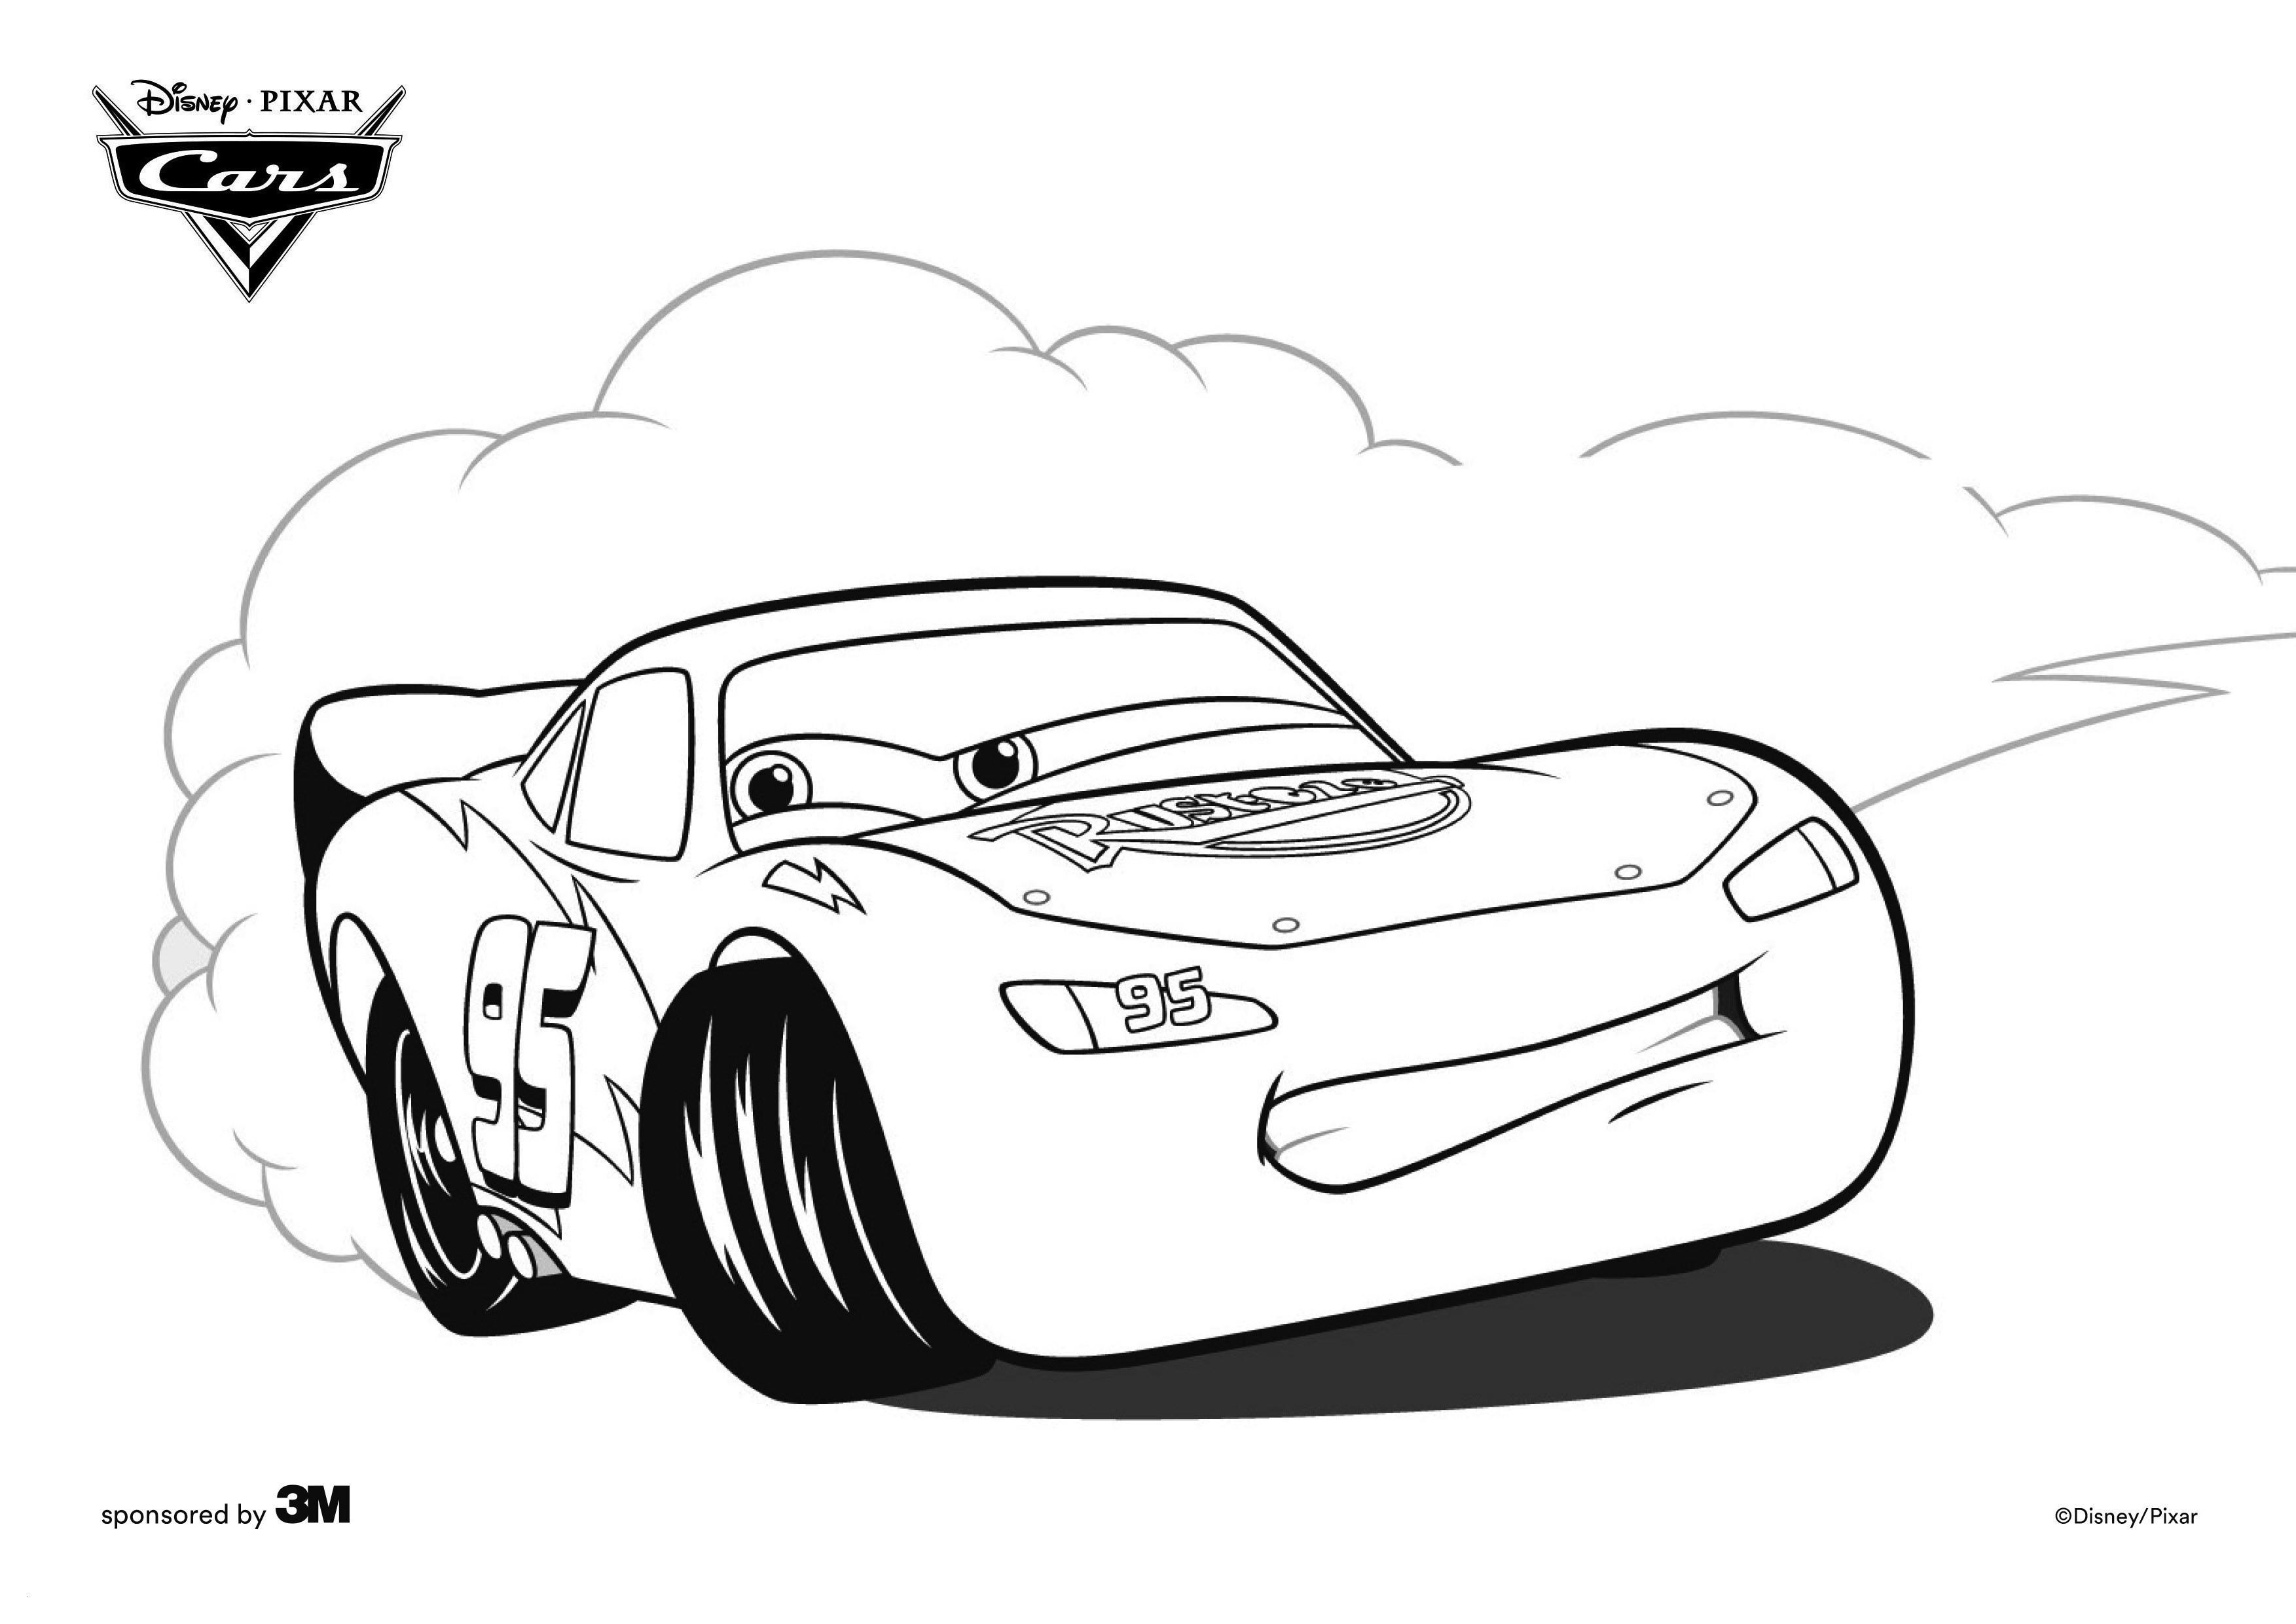 Malvorlage Lightning Mcqueen Frisch Malvorlagen Lightning Mcqueen Gratis Frisch Hook Cars Ausmalbilder Bilder